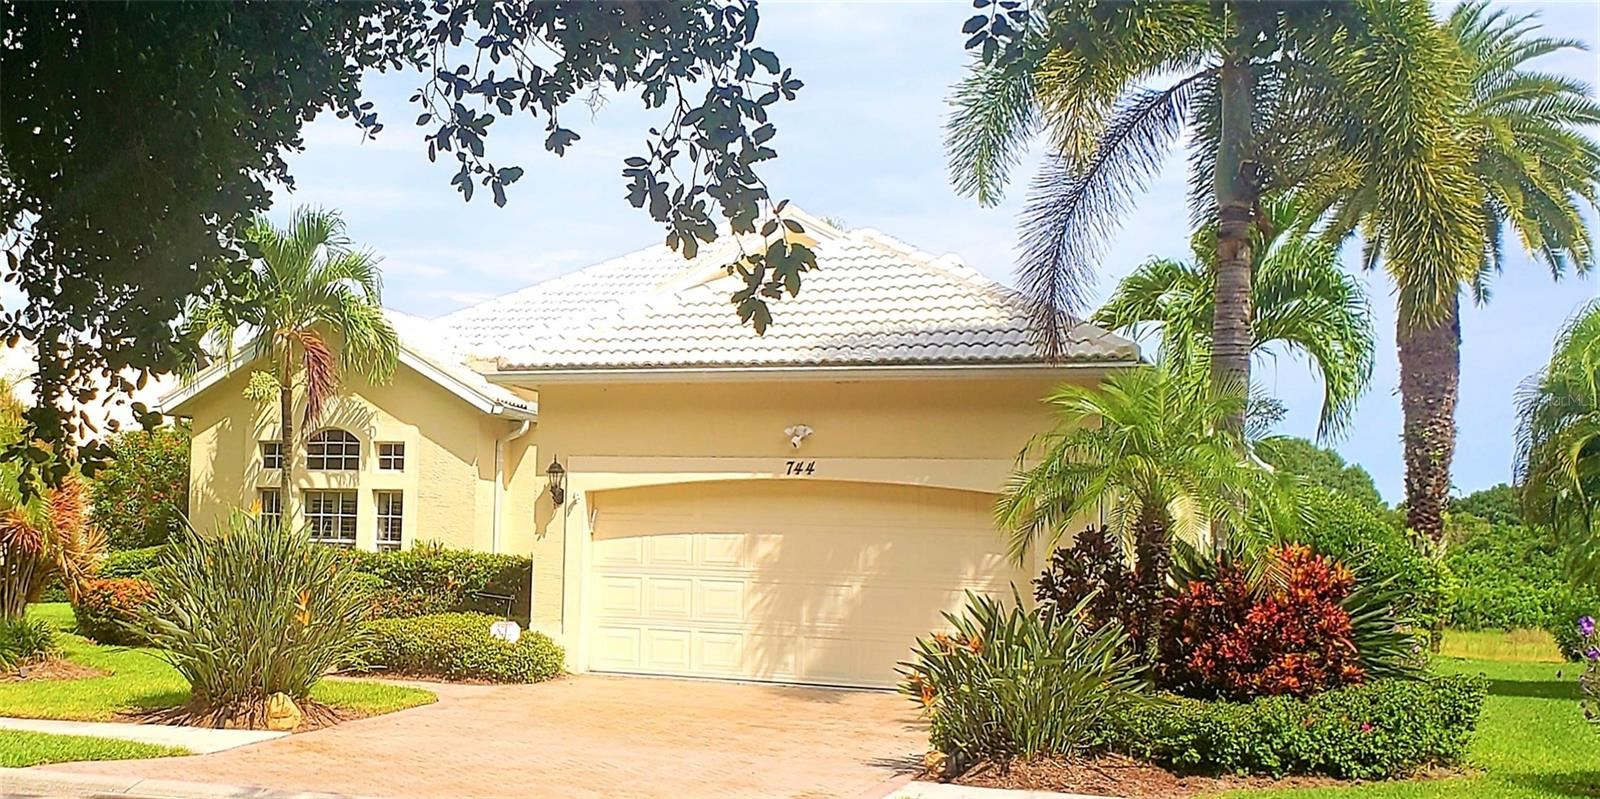 Photo of 744 GRASSY OAKS DRIVE, VENICE, FL 34293 (MLS # N6117642)